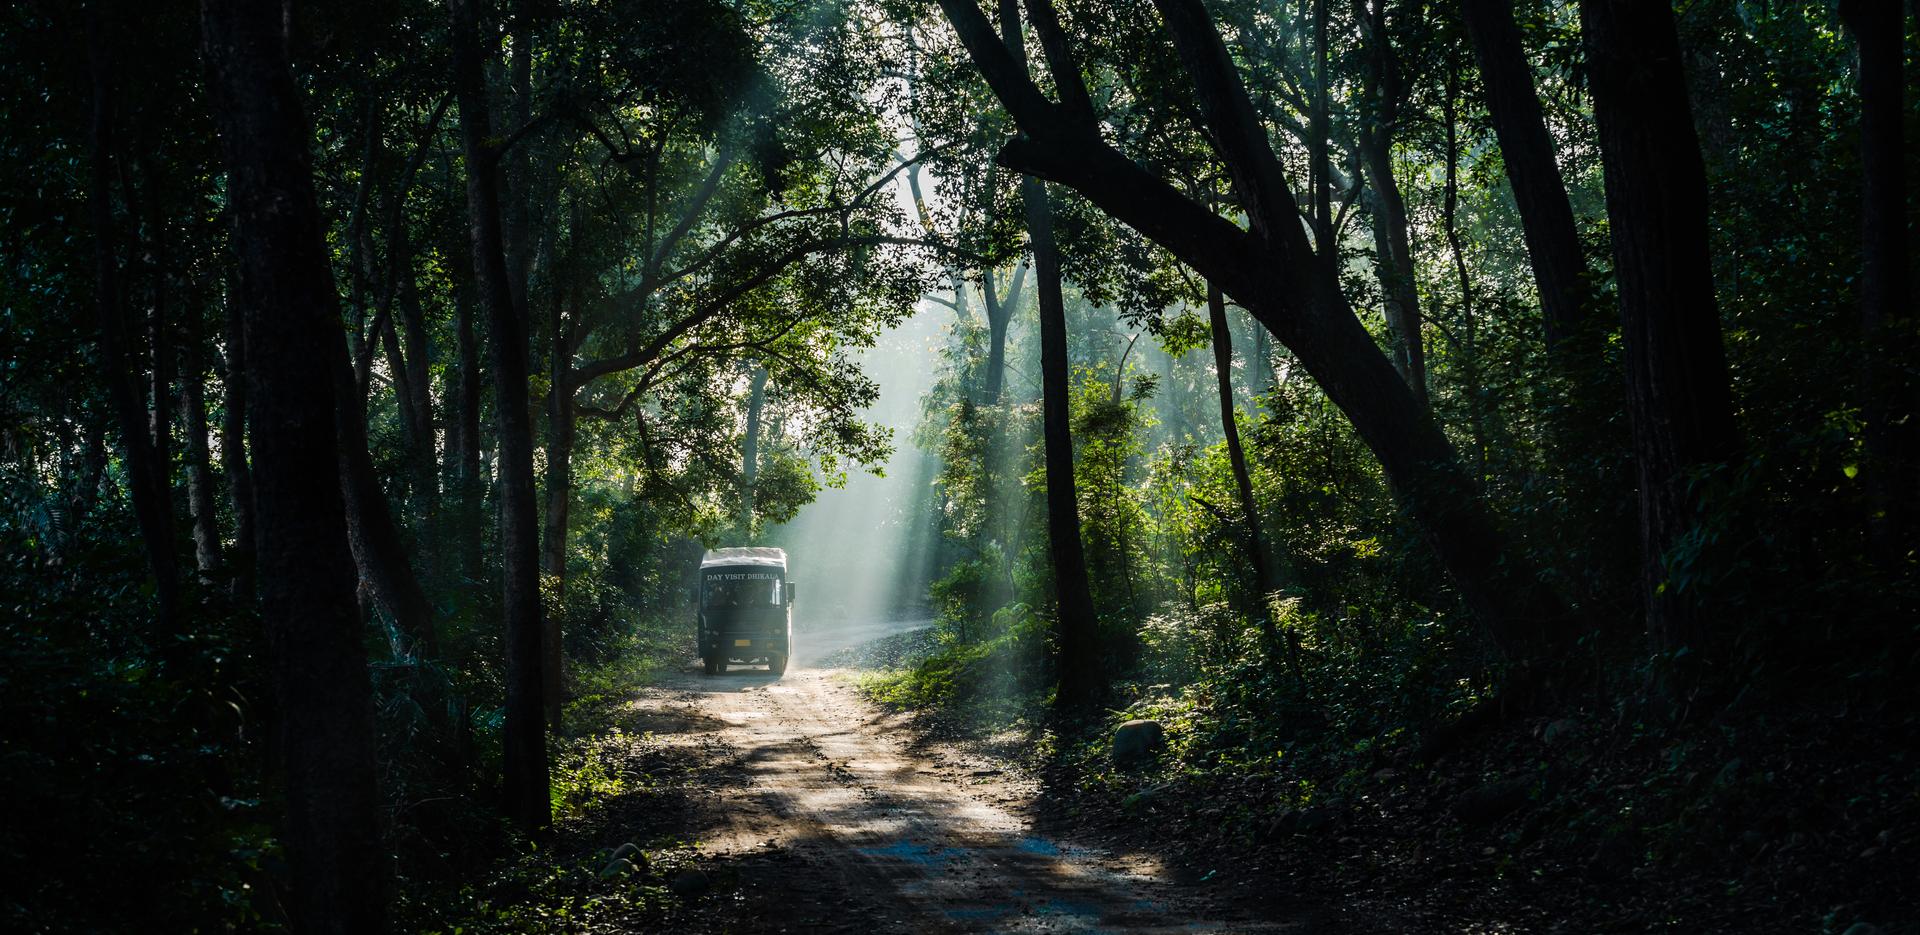 The Jim Corbett National Park